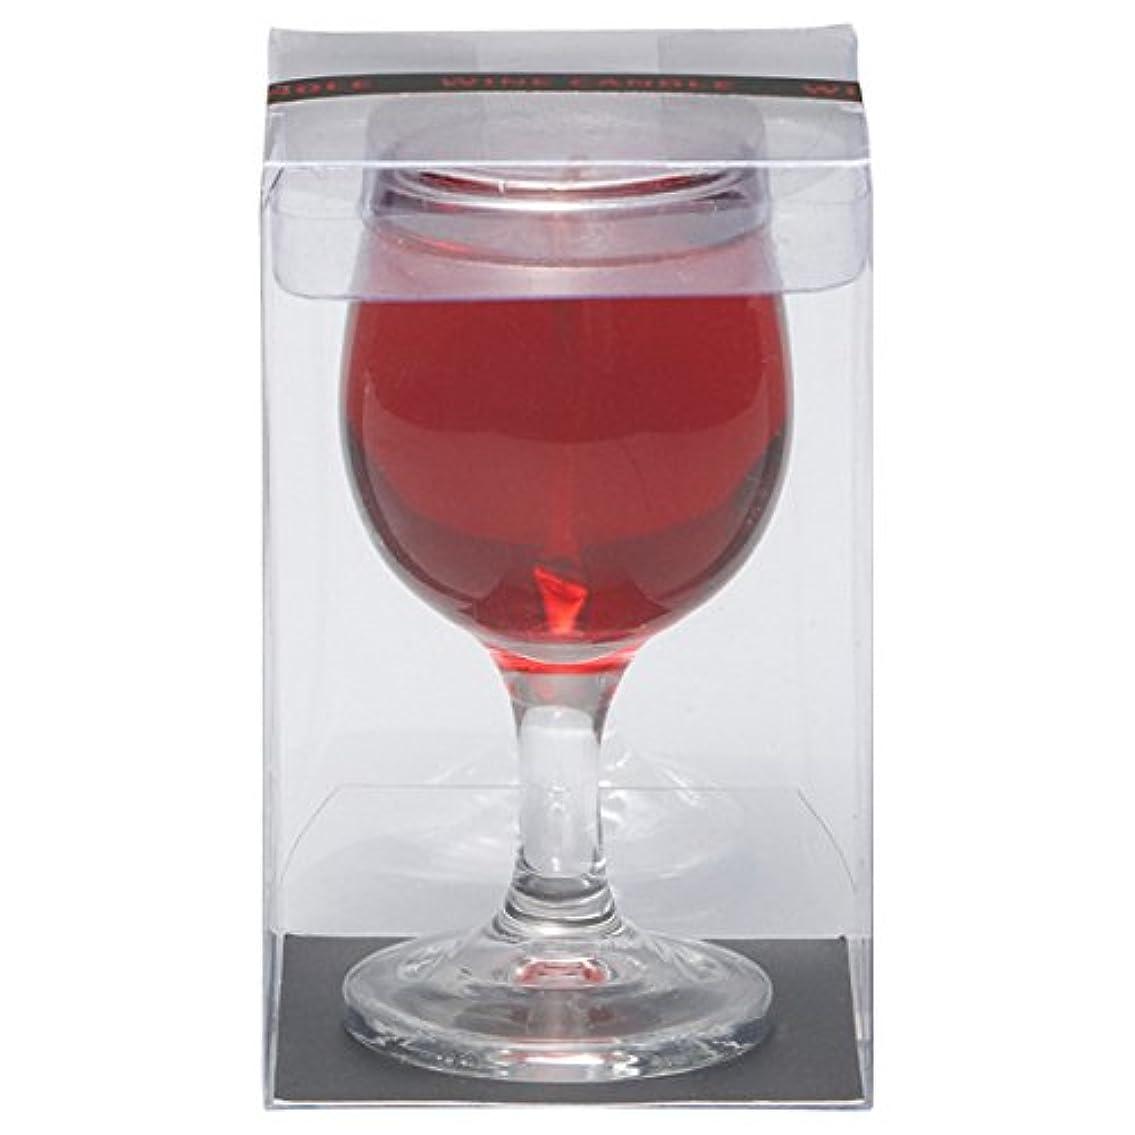 ストラップ過言講堂ワインキャンドル